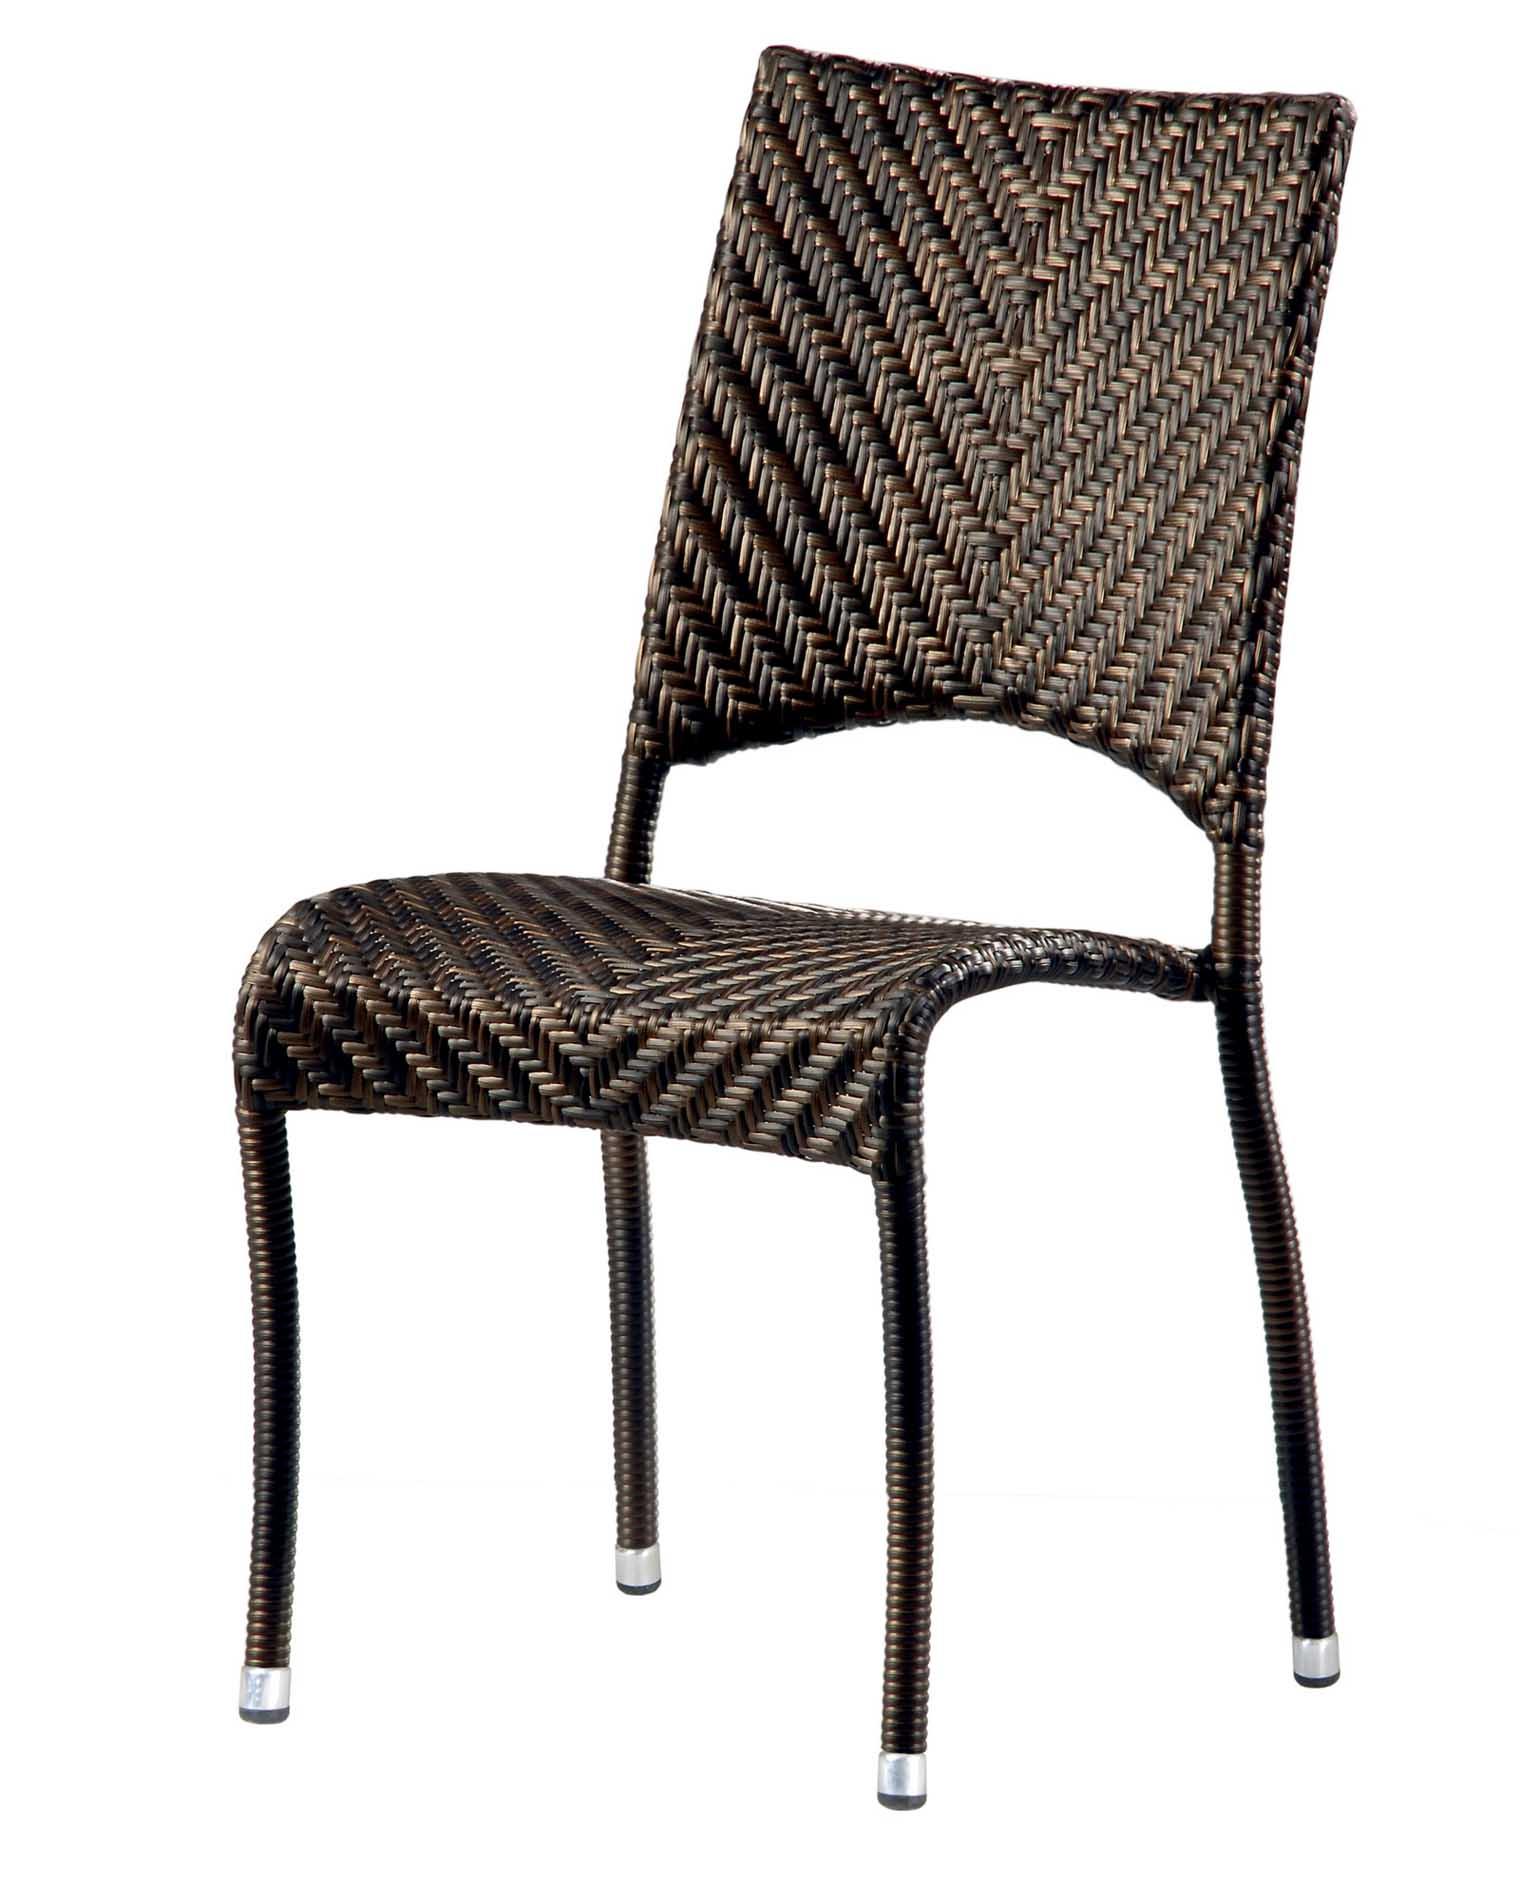 Chaise empilable en aluminium et fibres synthétiques bronze